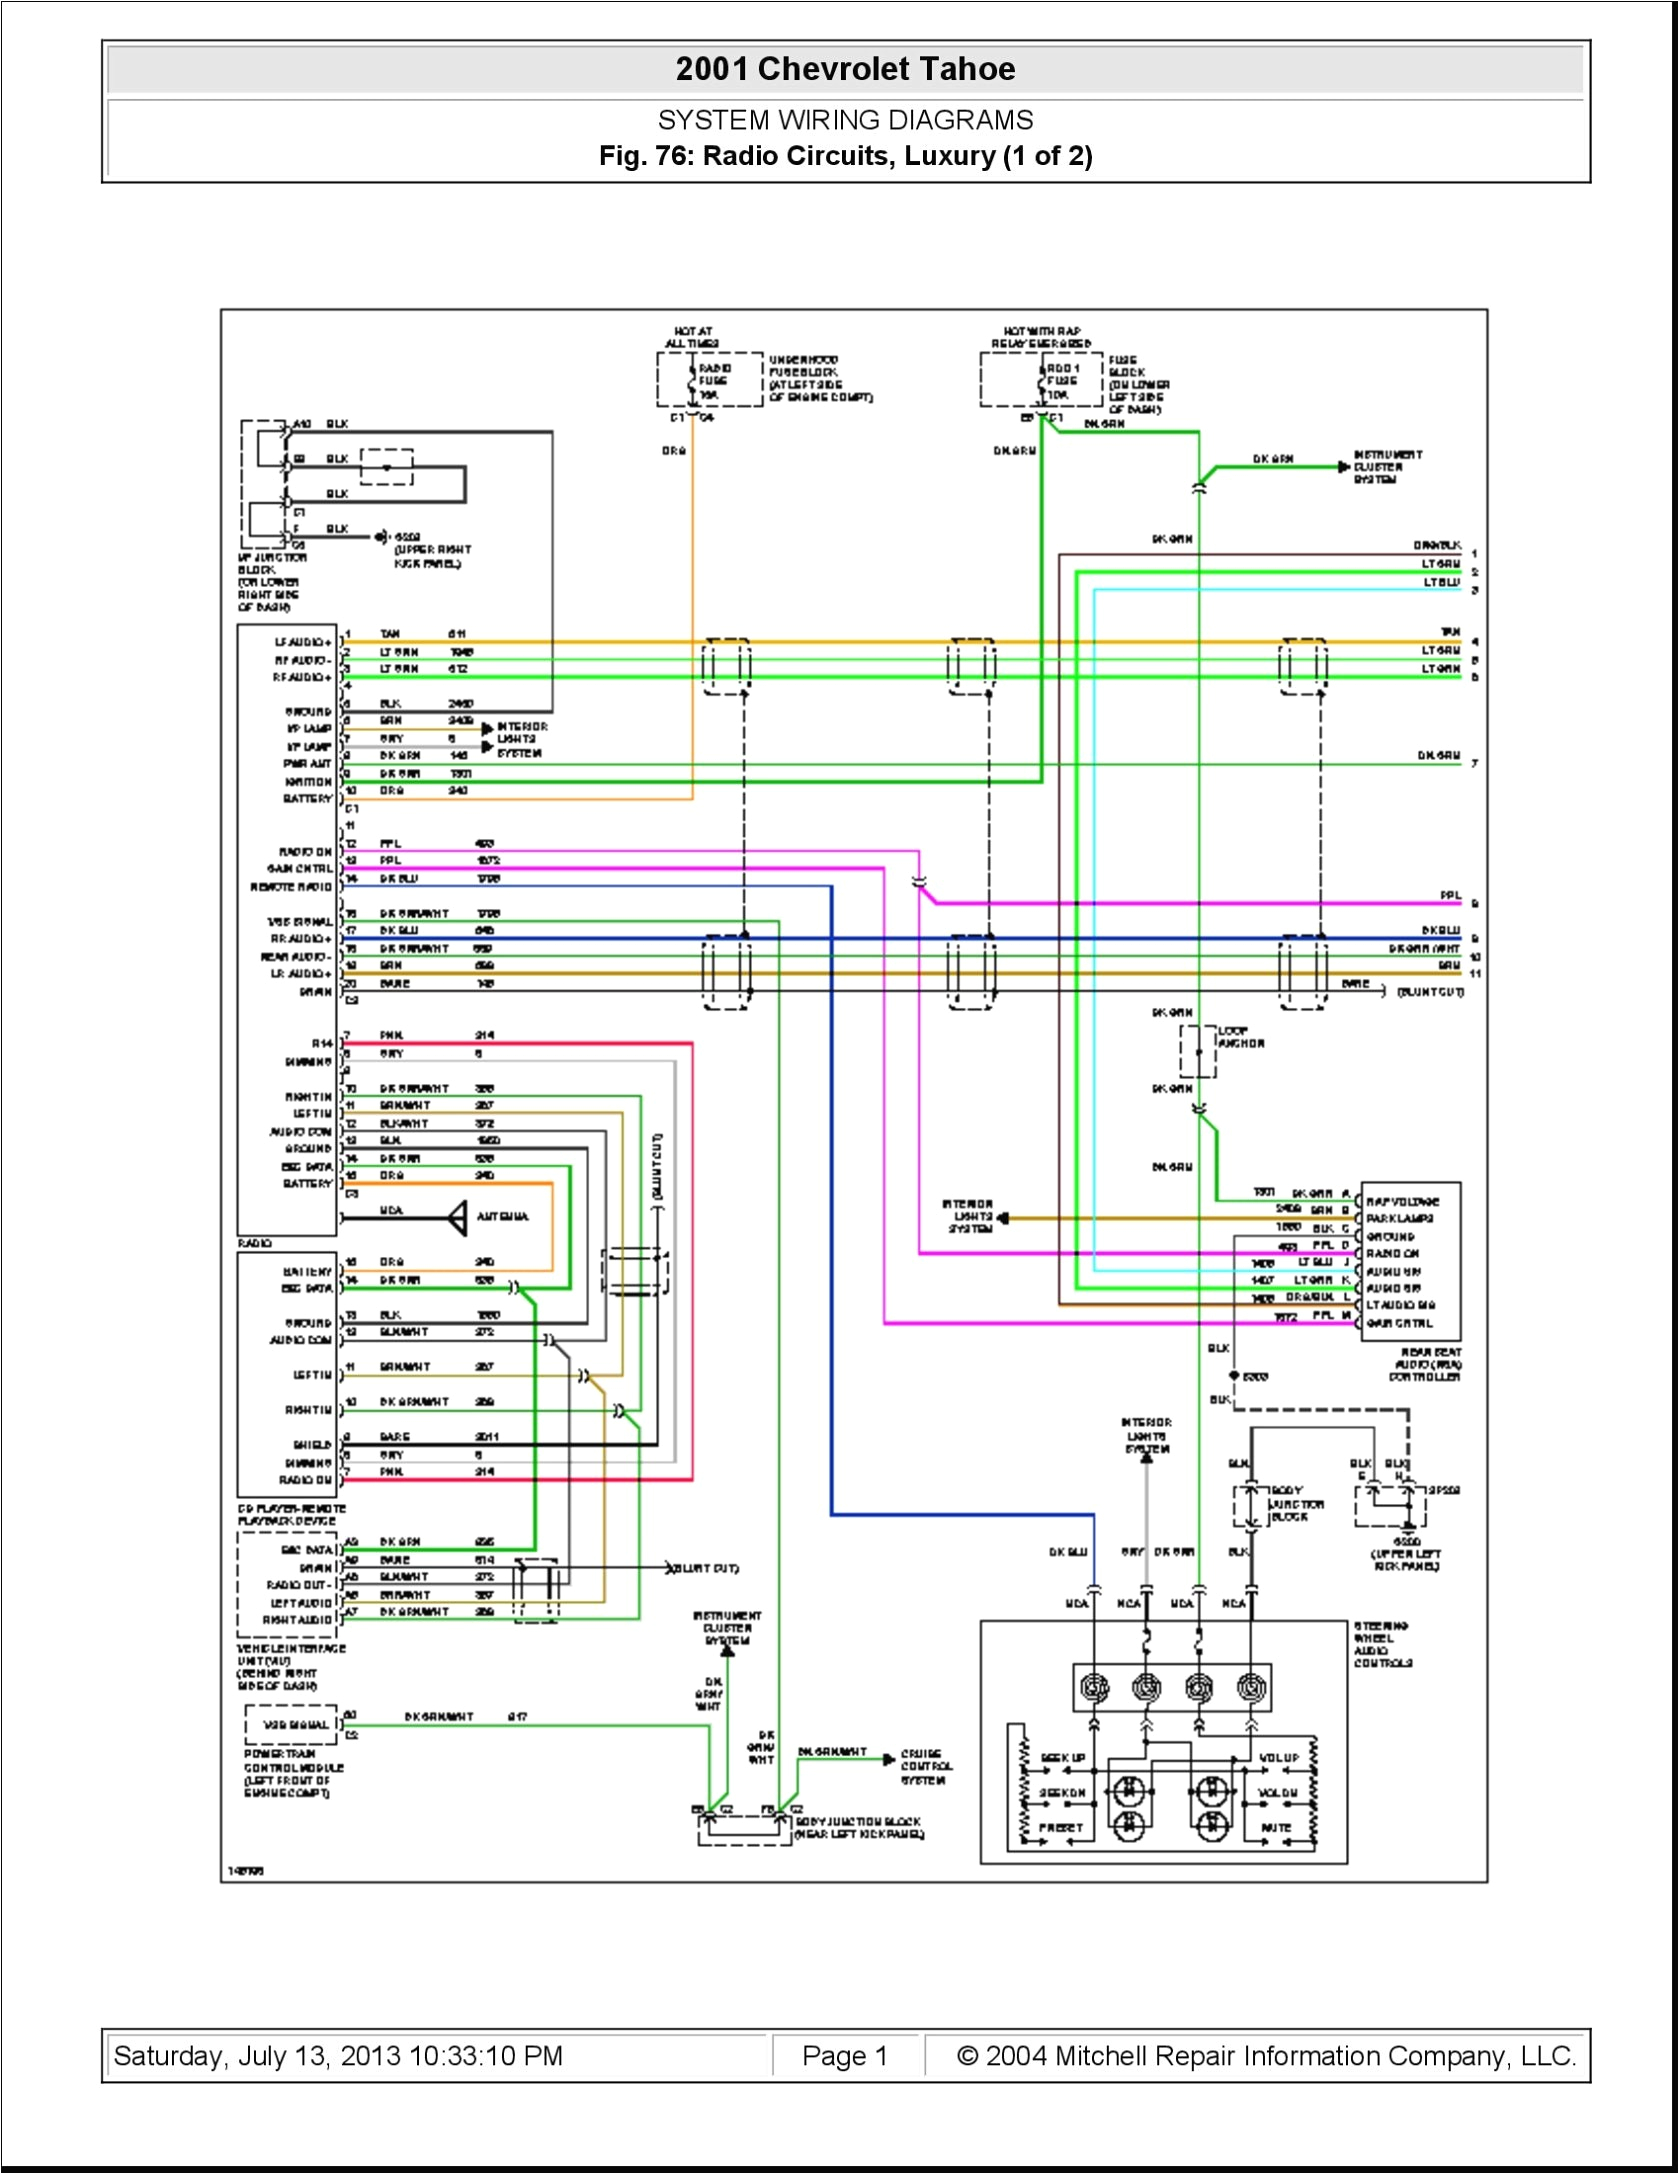 1999 chevy silverado 1500 5 3 wiring schematic